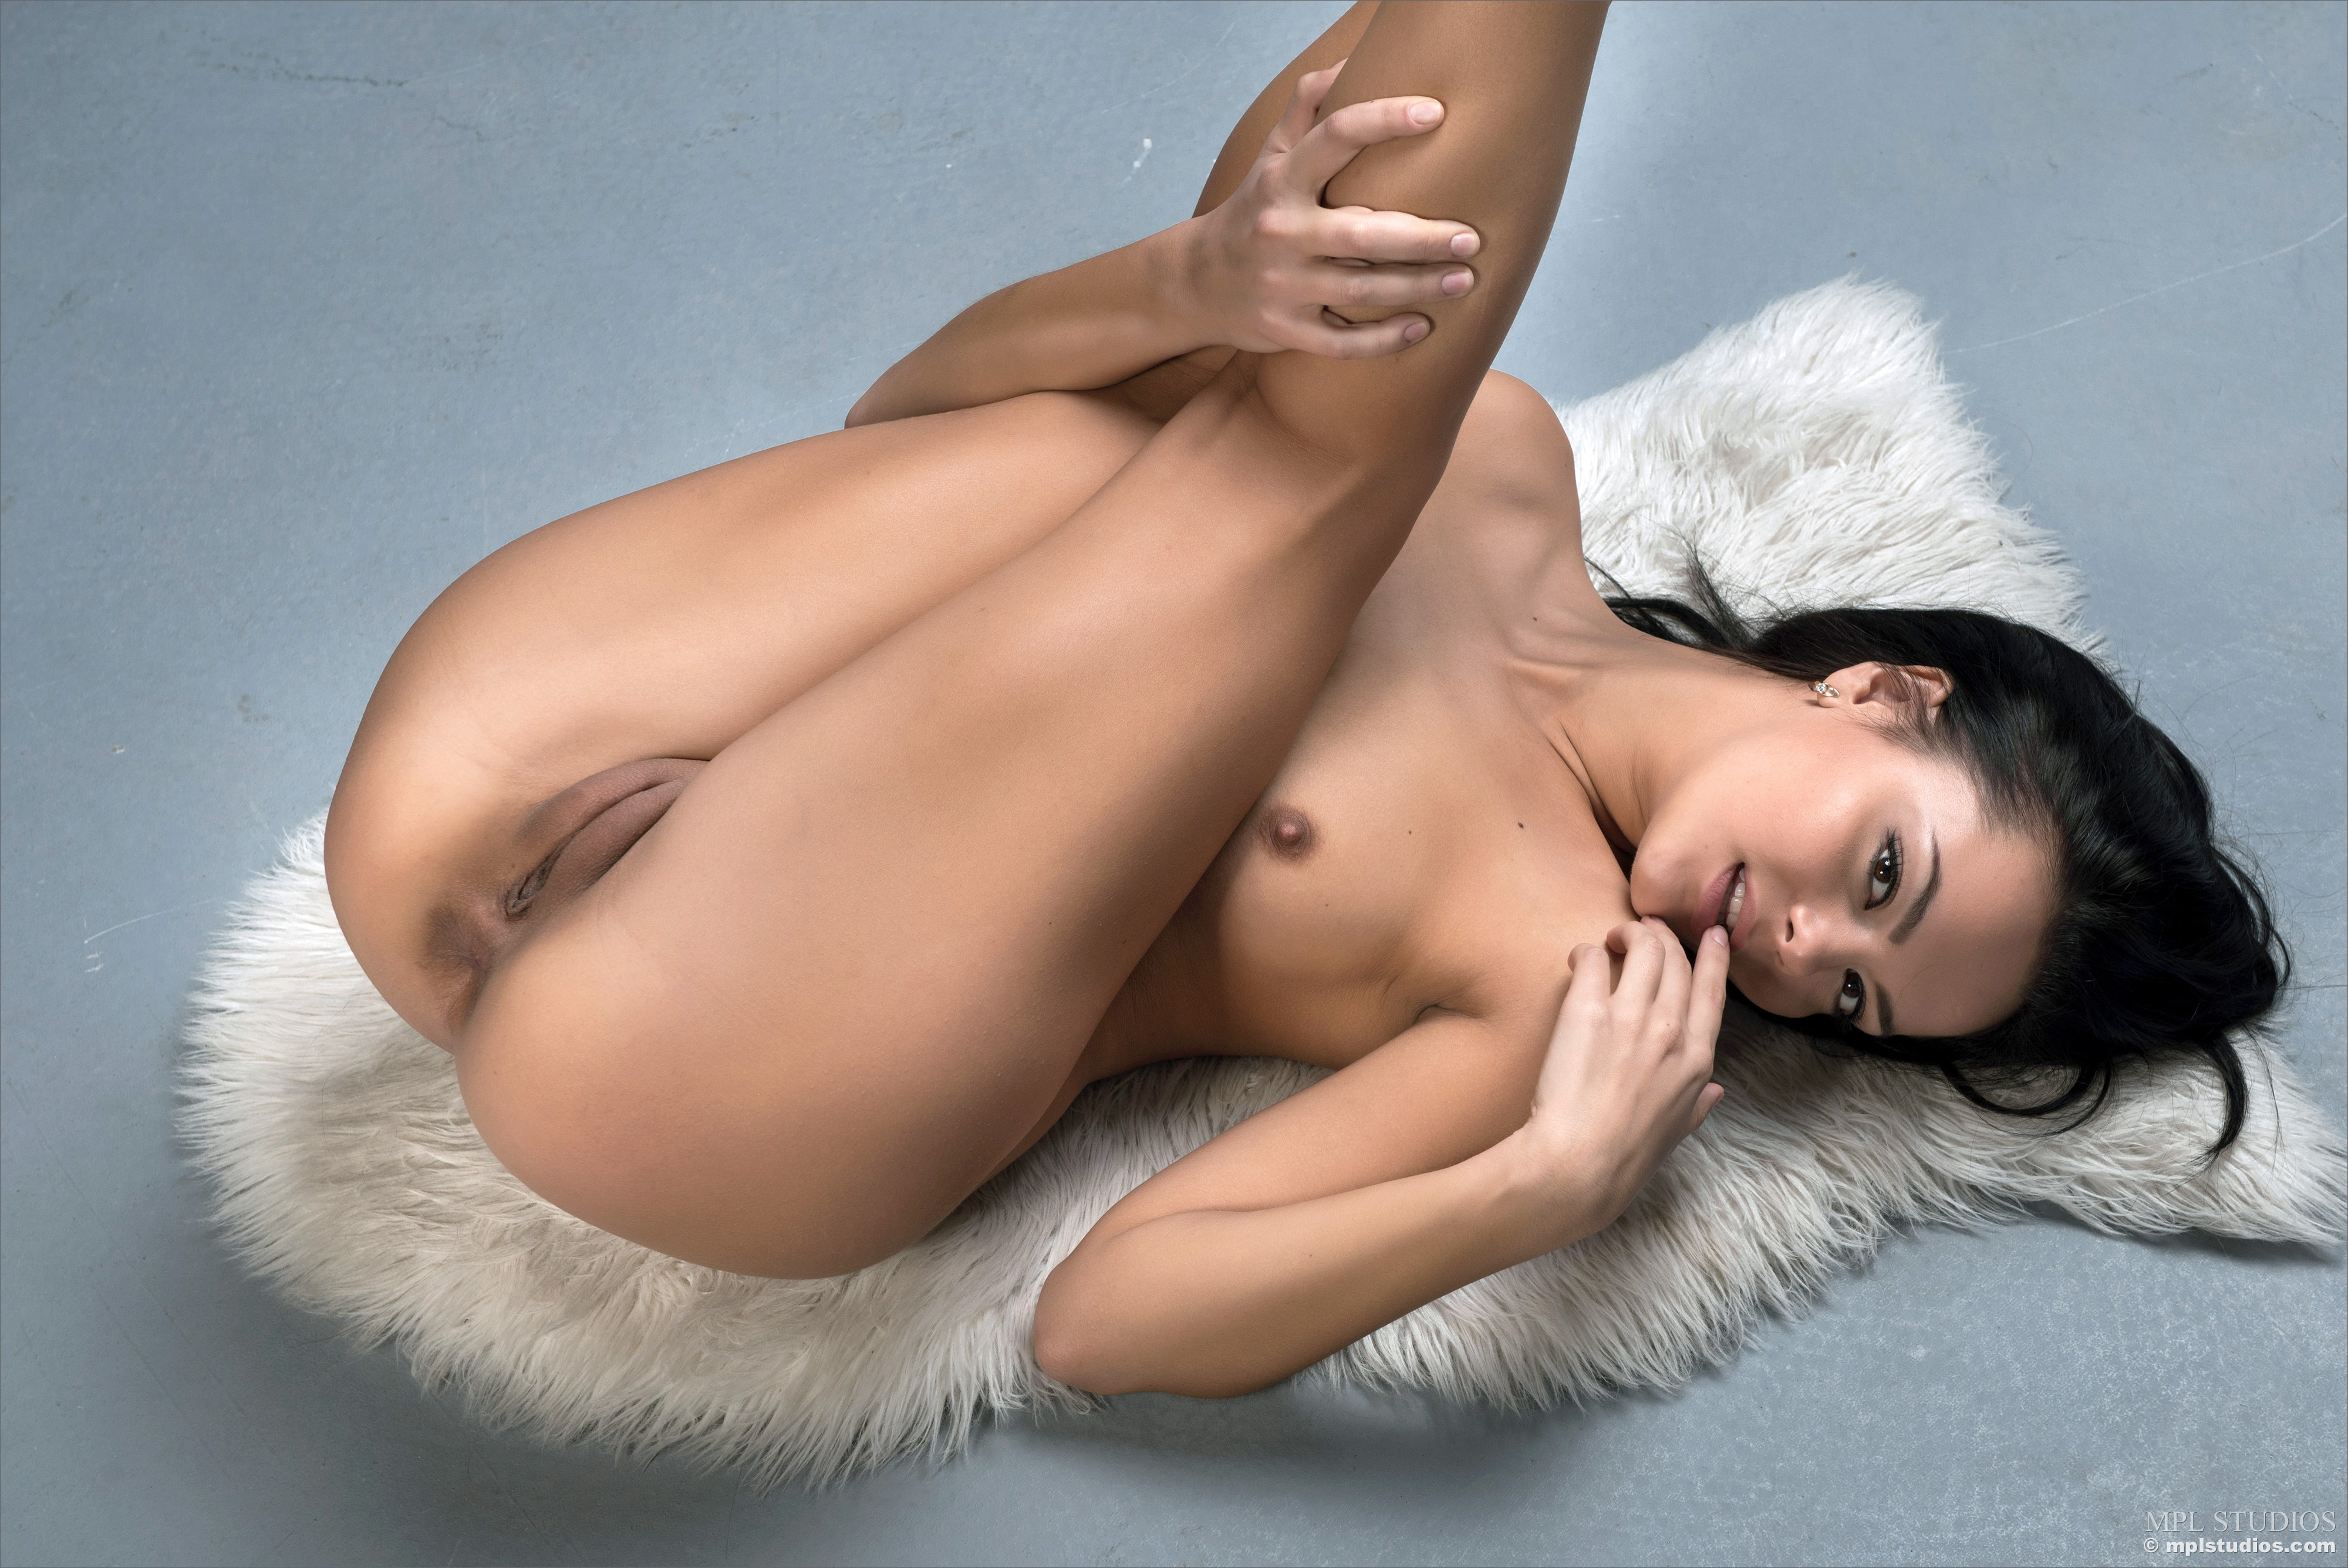 Tits topless ass legs